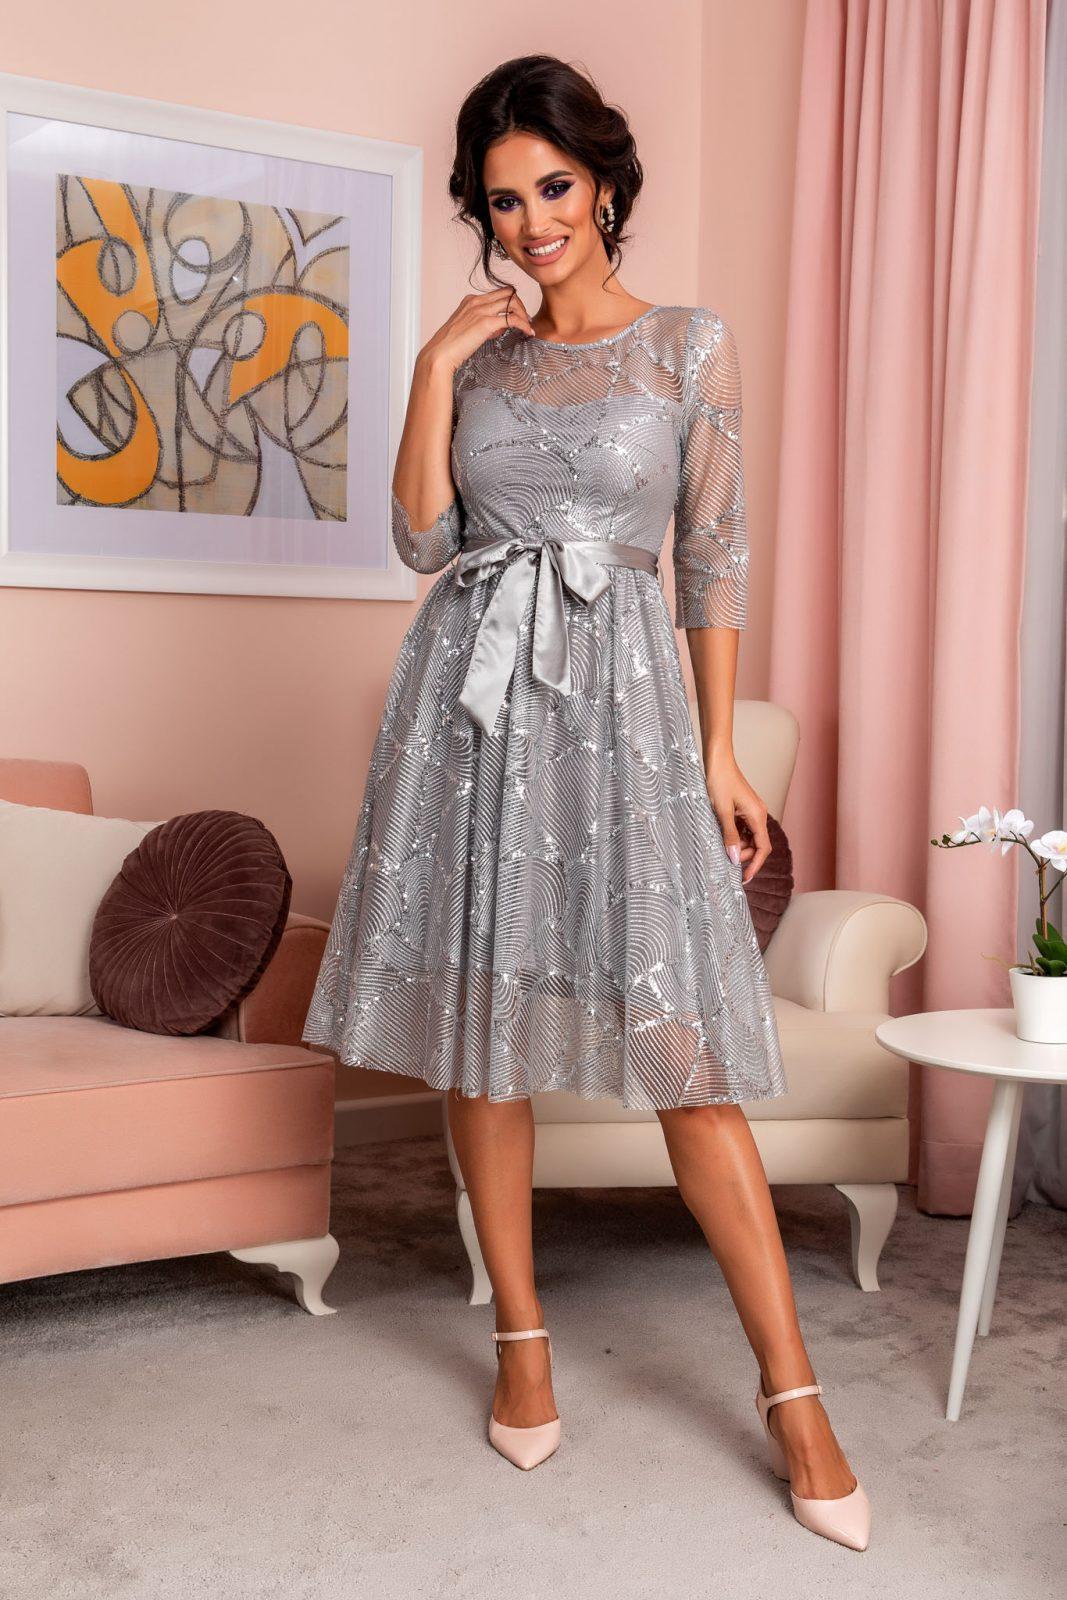 Rosemary Silvery Dress